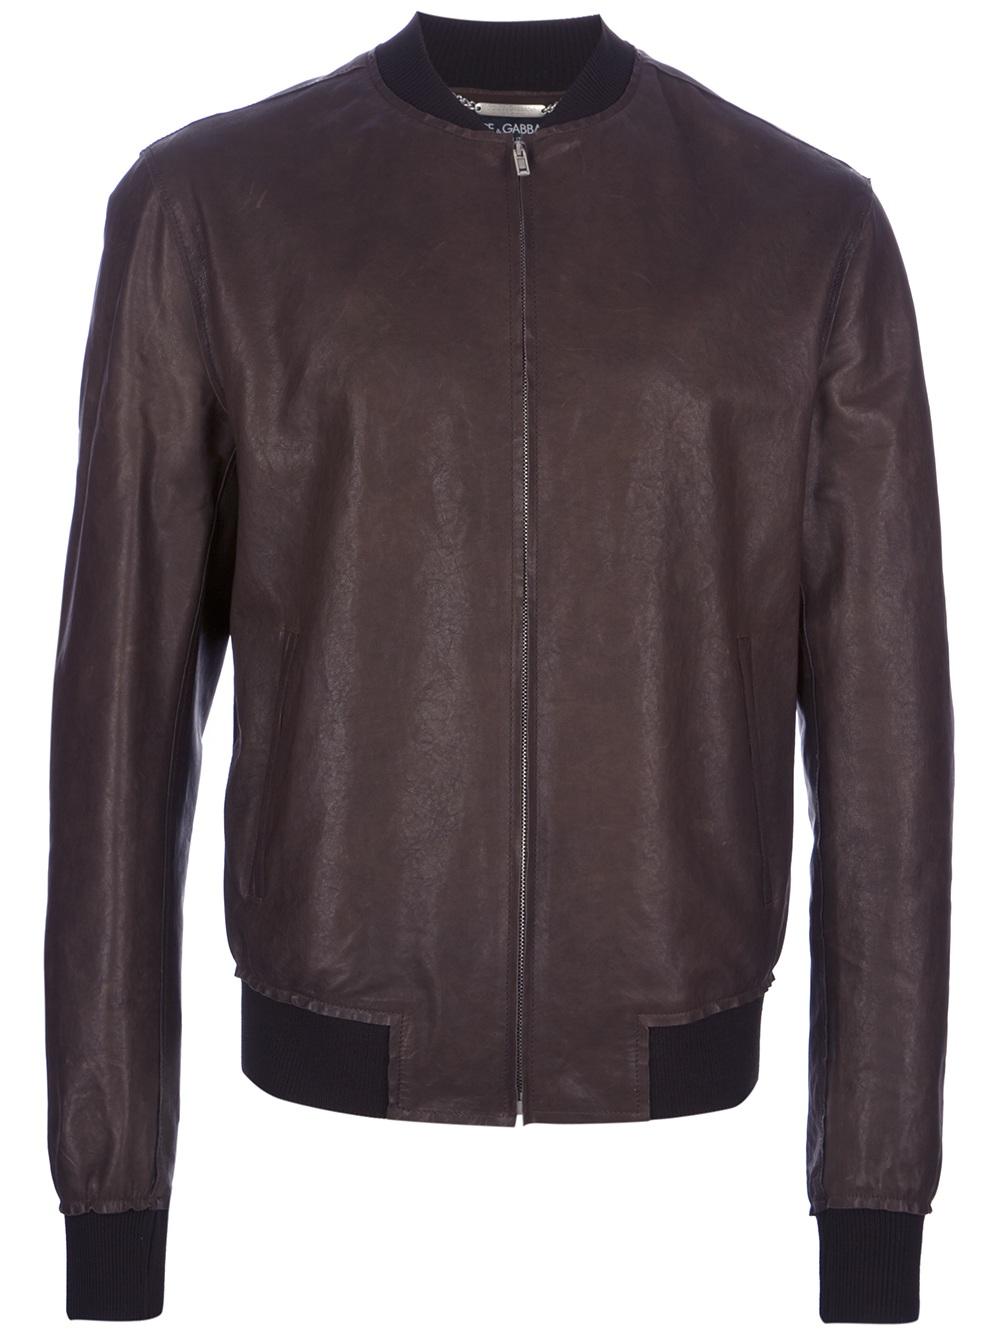 Light brown leather jacket men